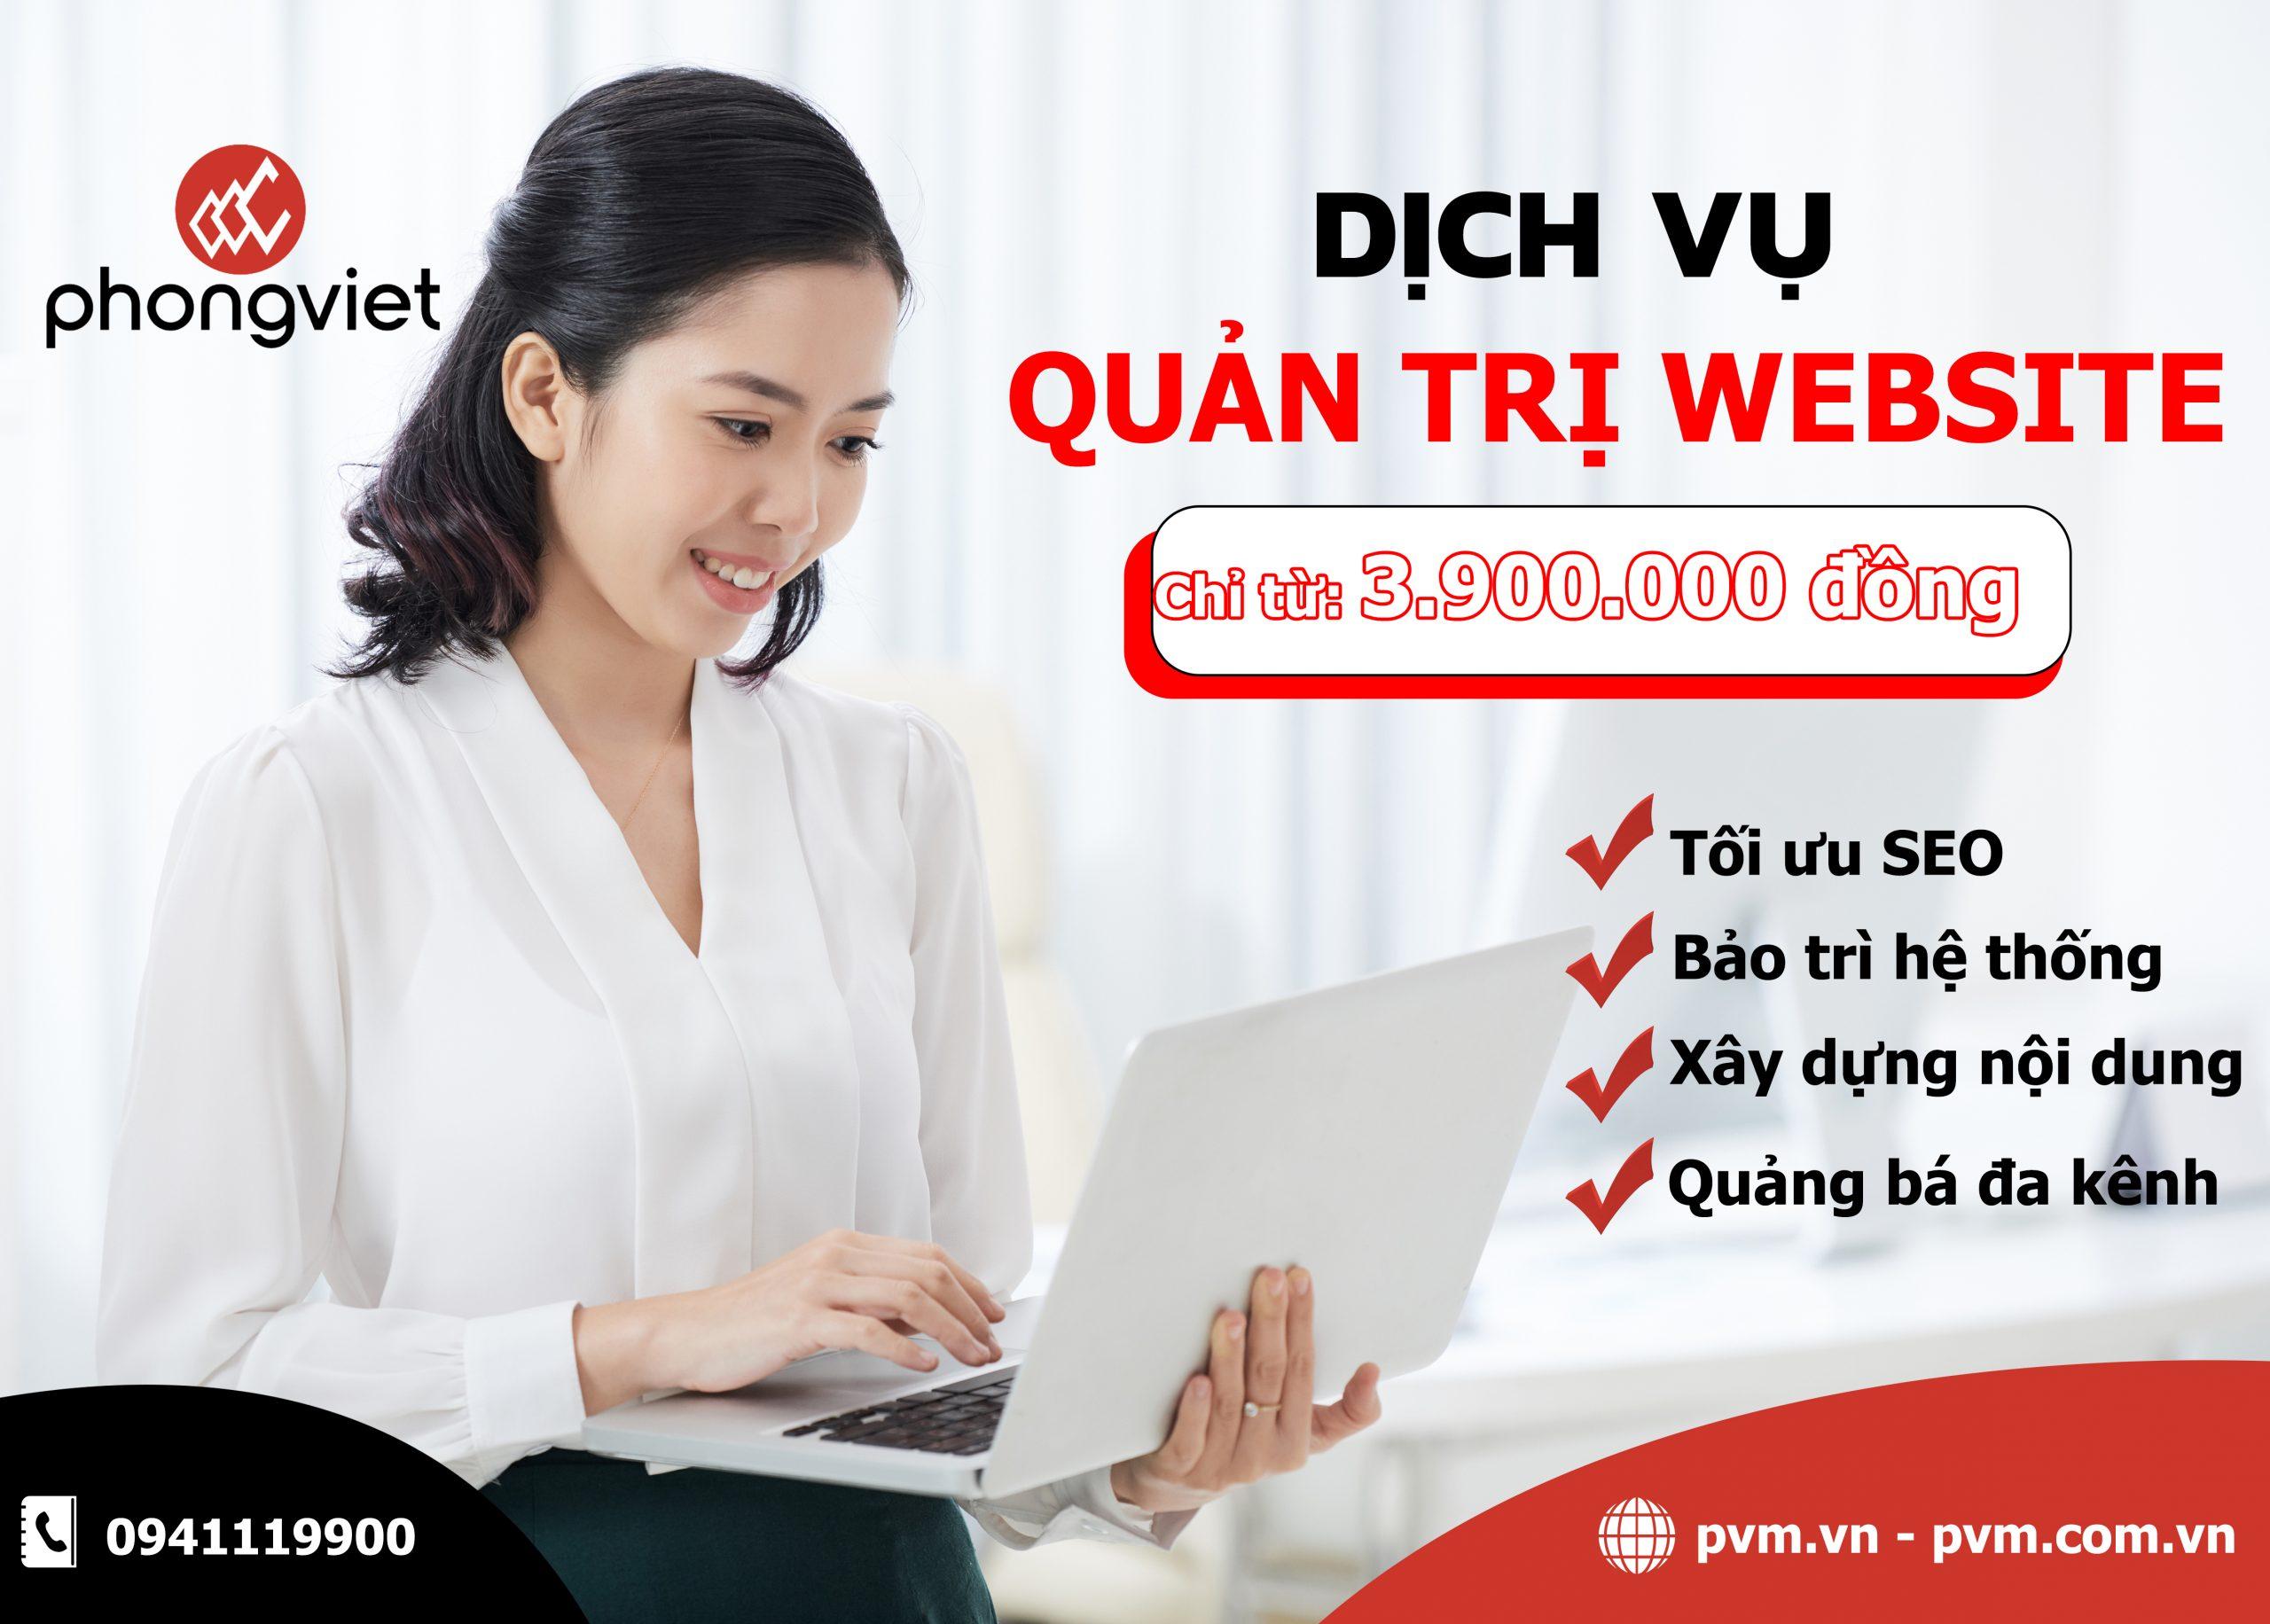 Tầm quan trọng của dịch vụ quản trị website đối với Doanh nghiệp trong thời đại mới